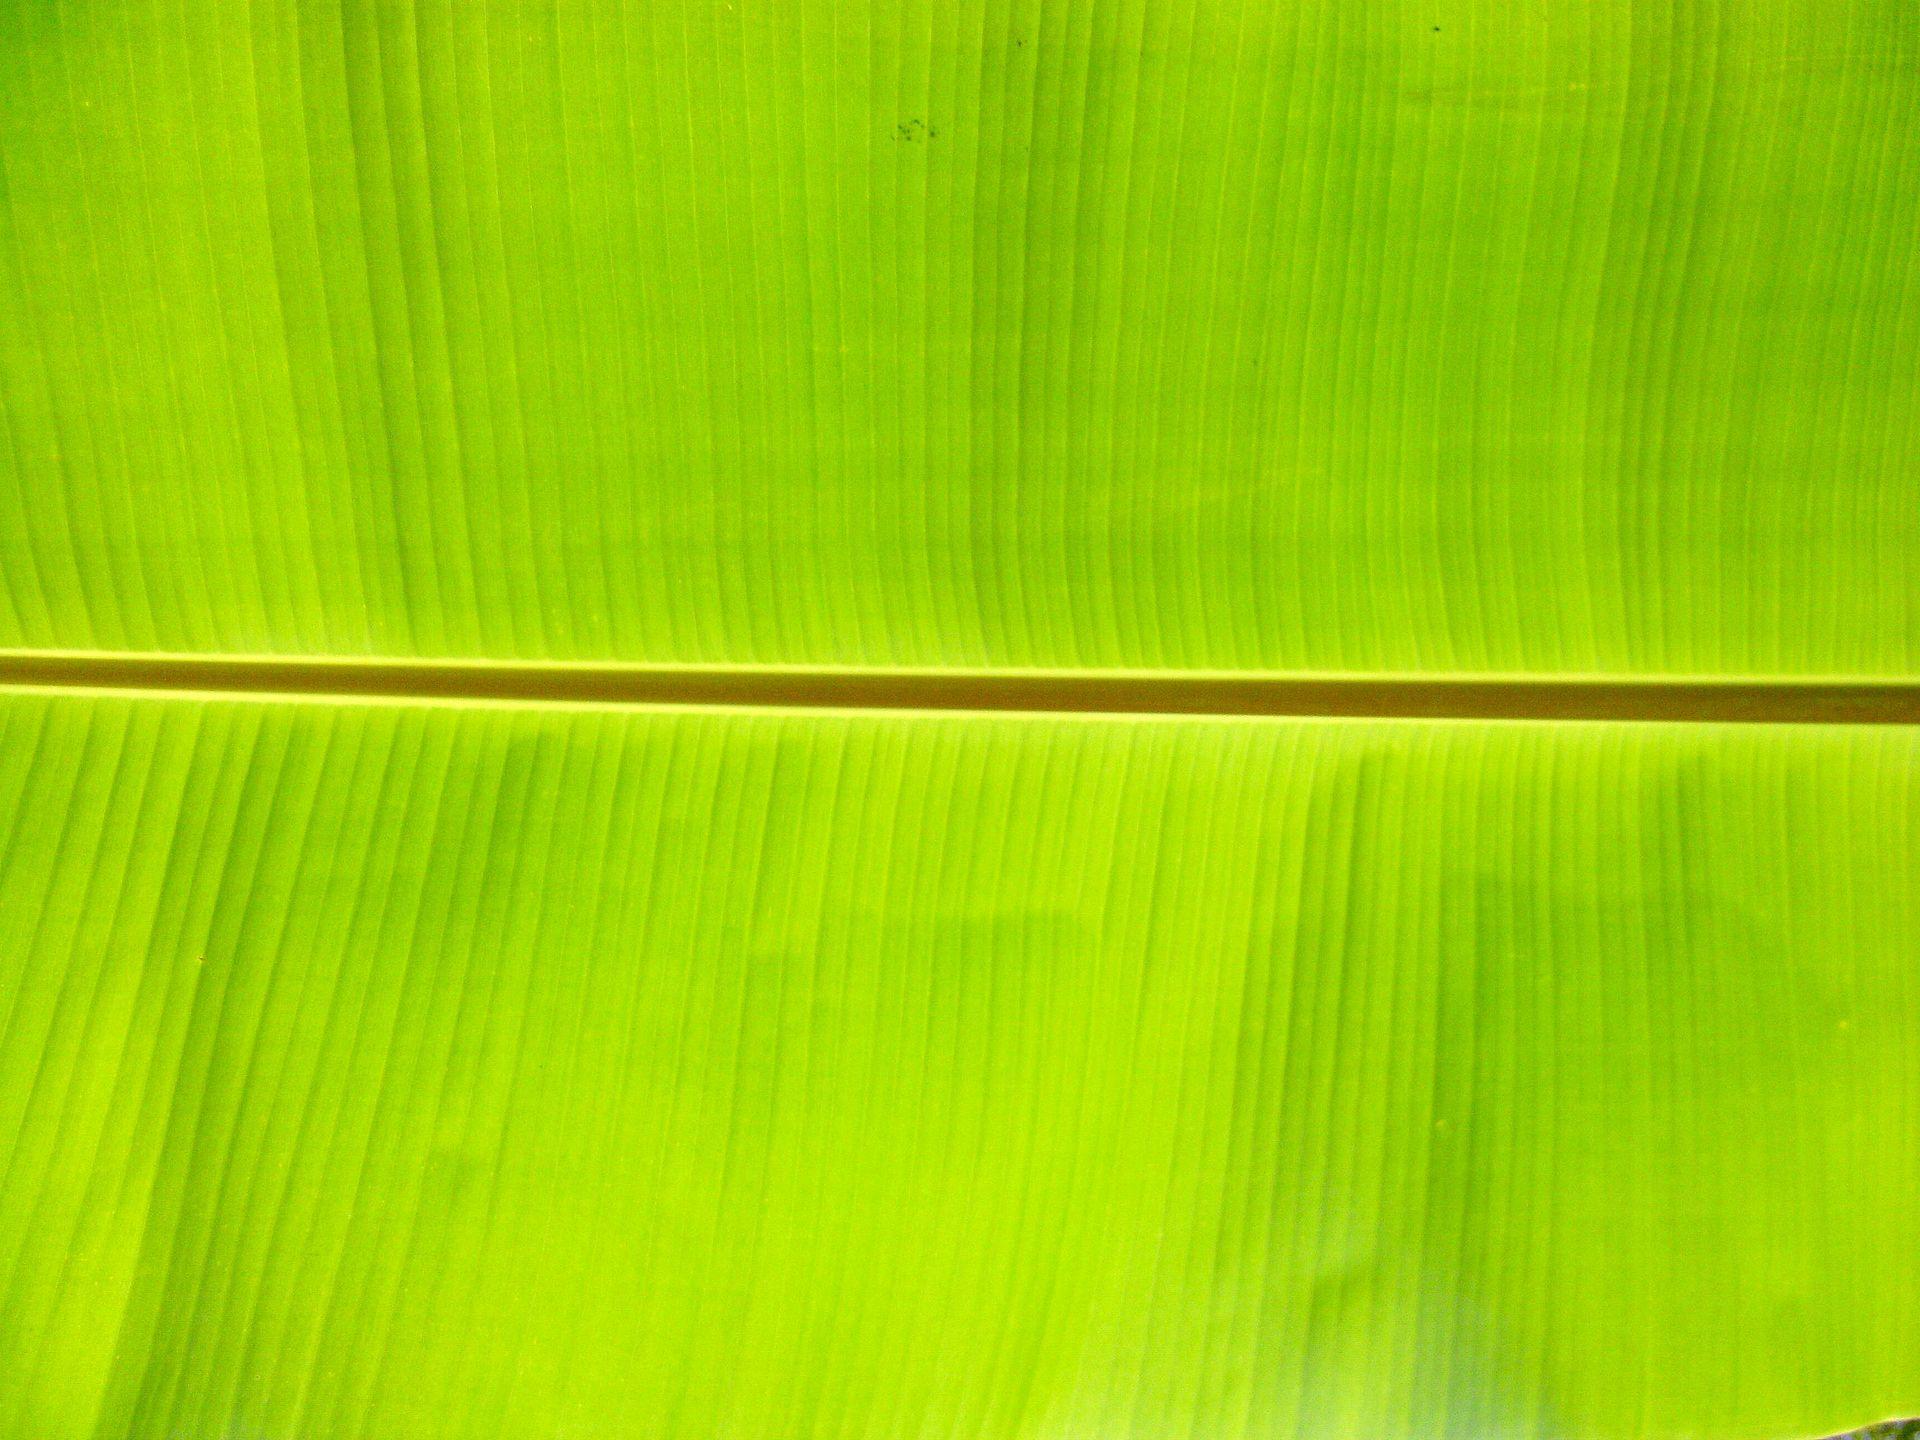 banana leaf wikipedia